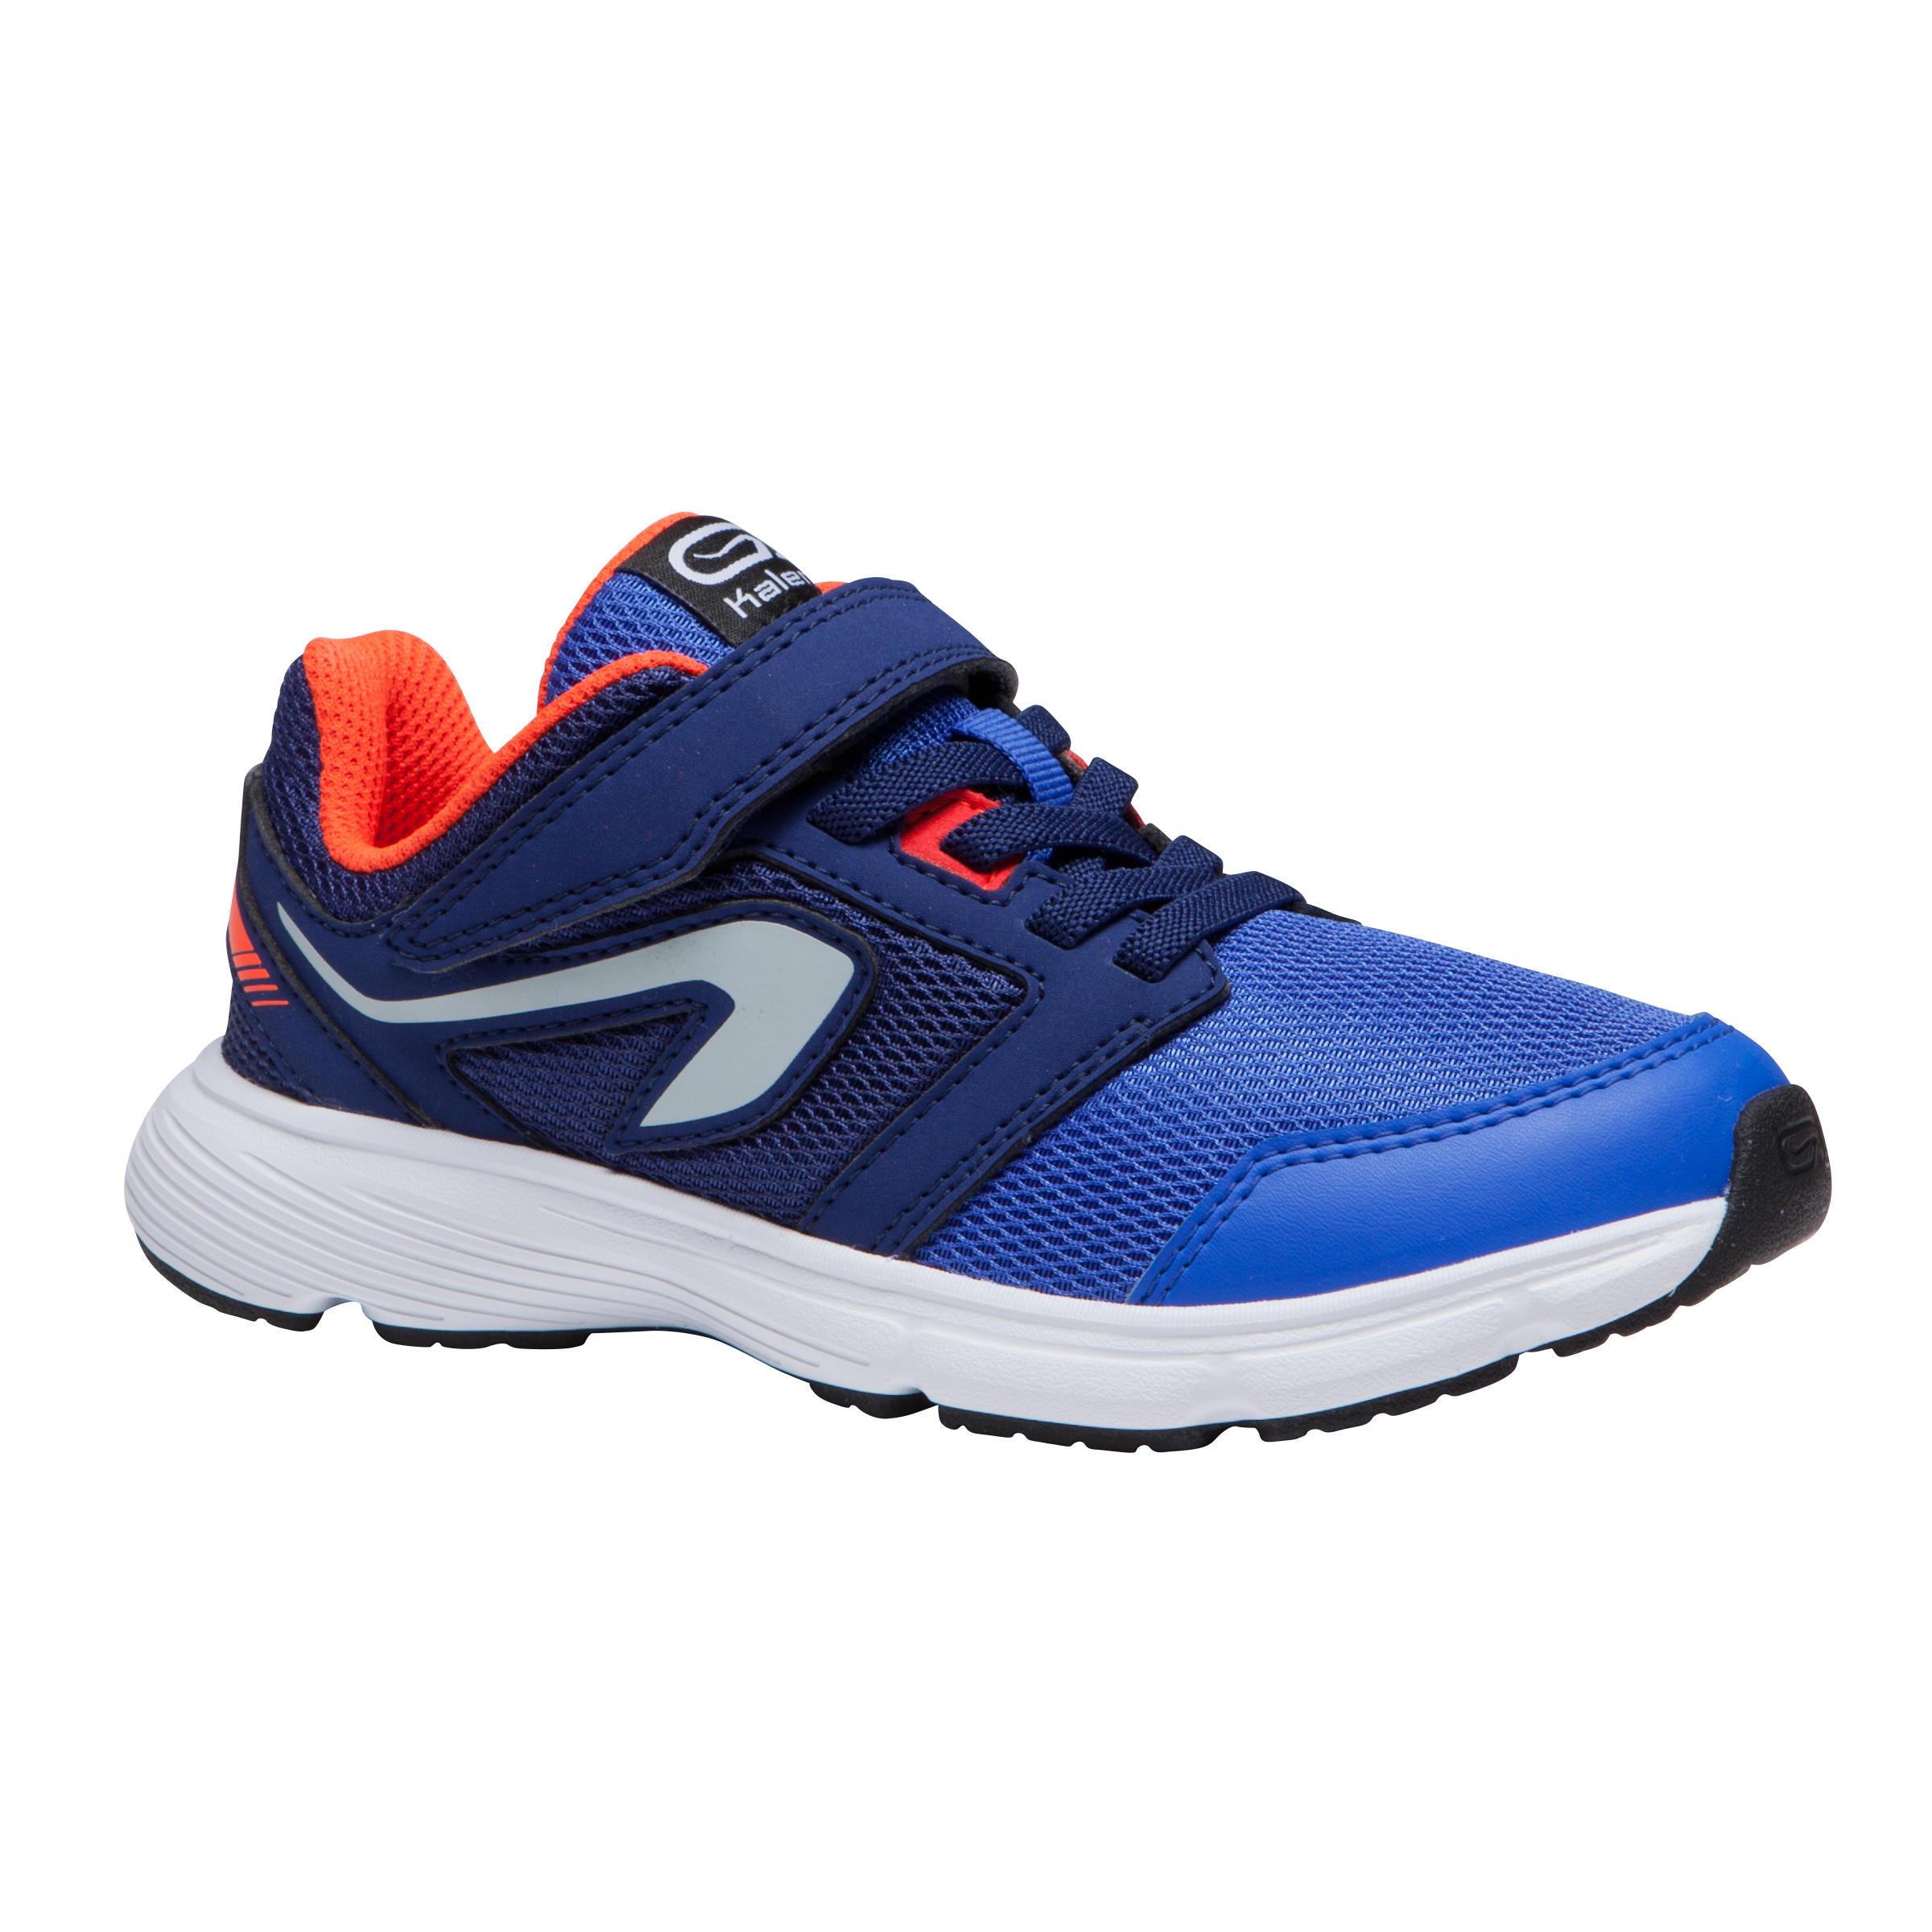 Run Support Children's \u0026 Shoes - Decathlon